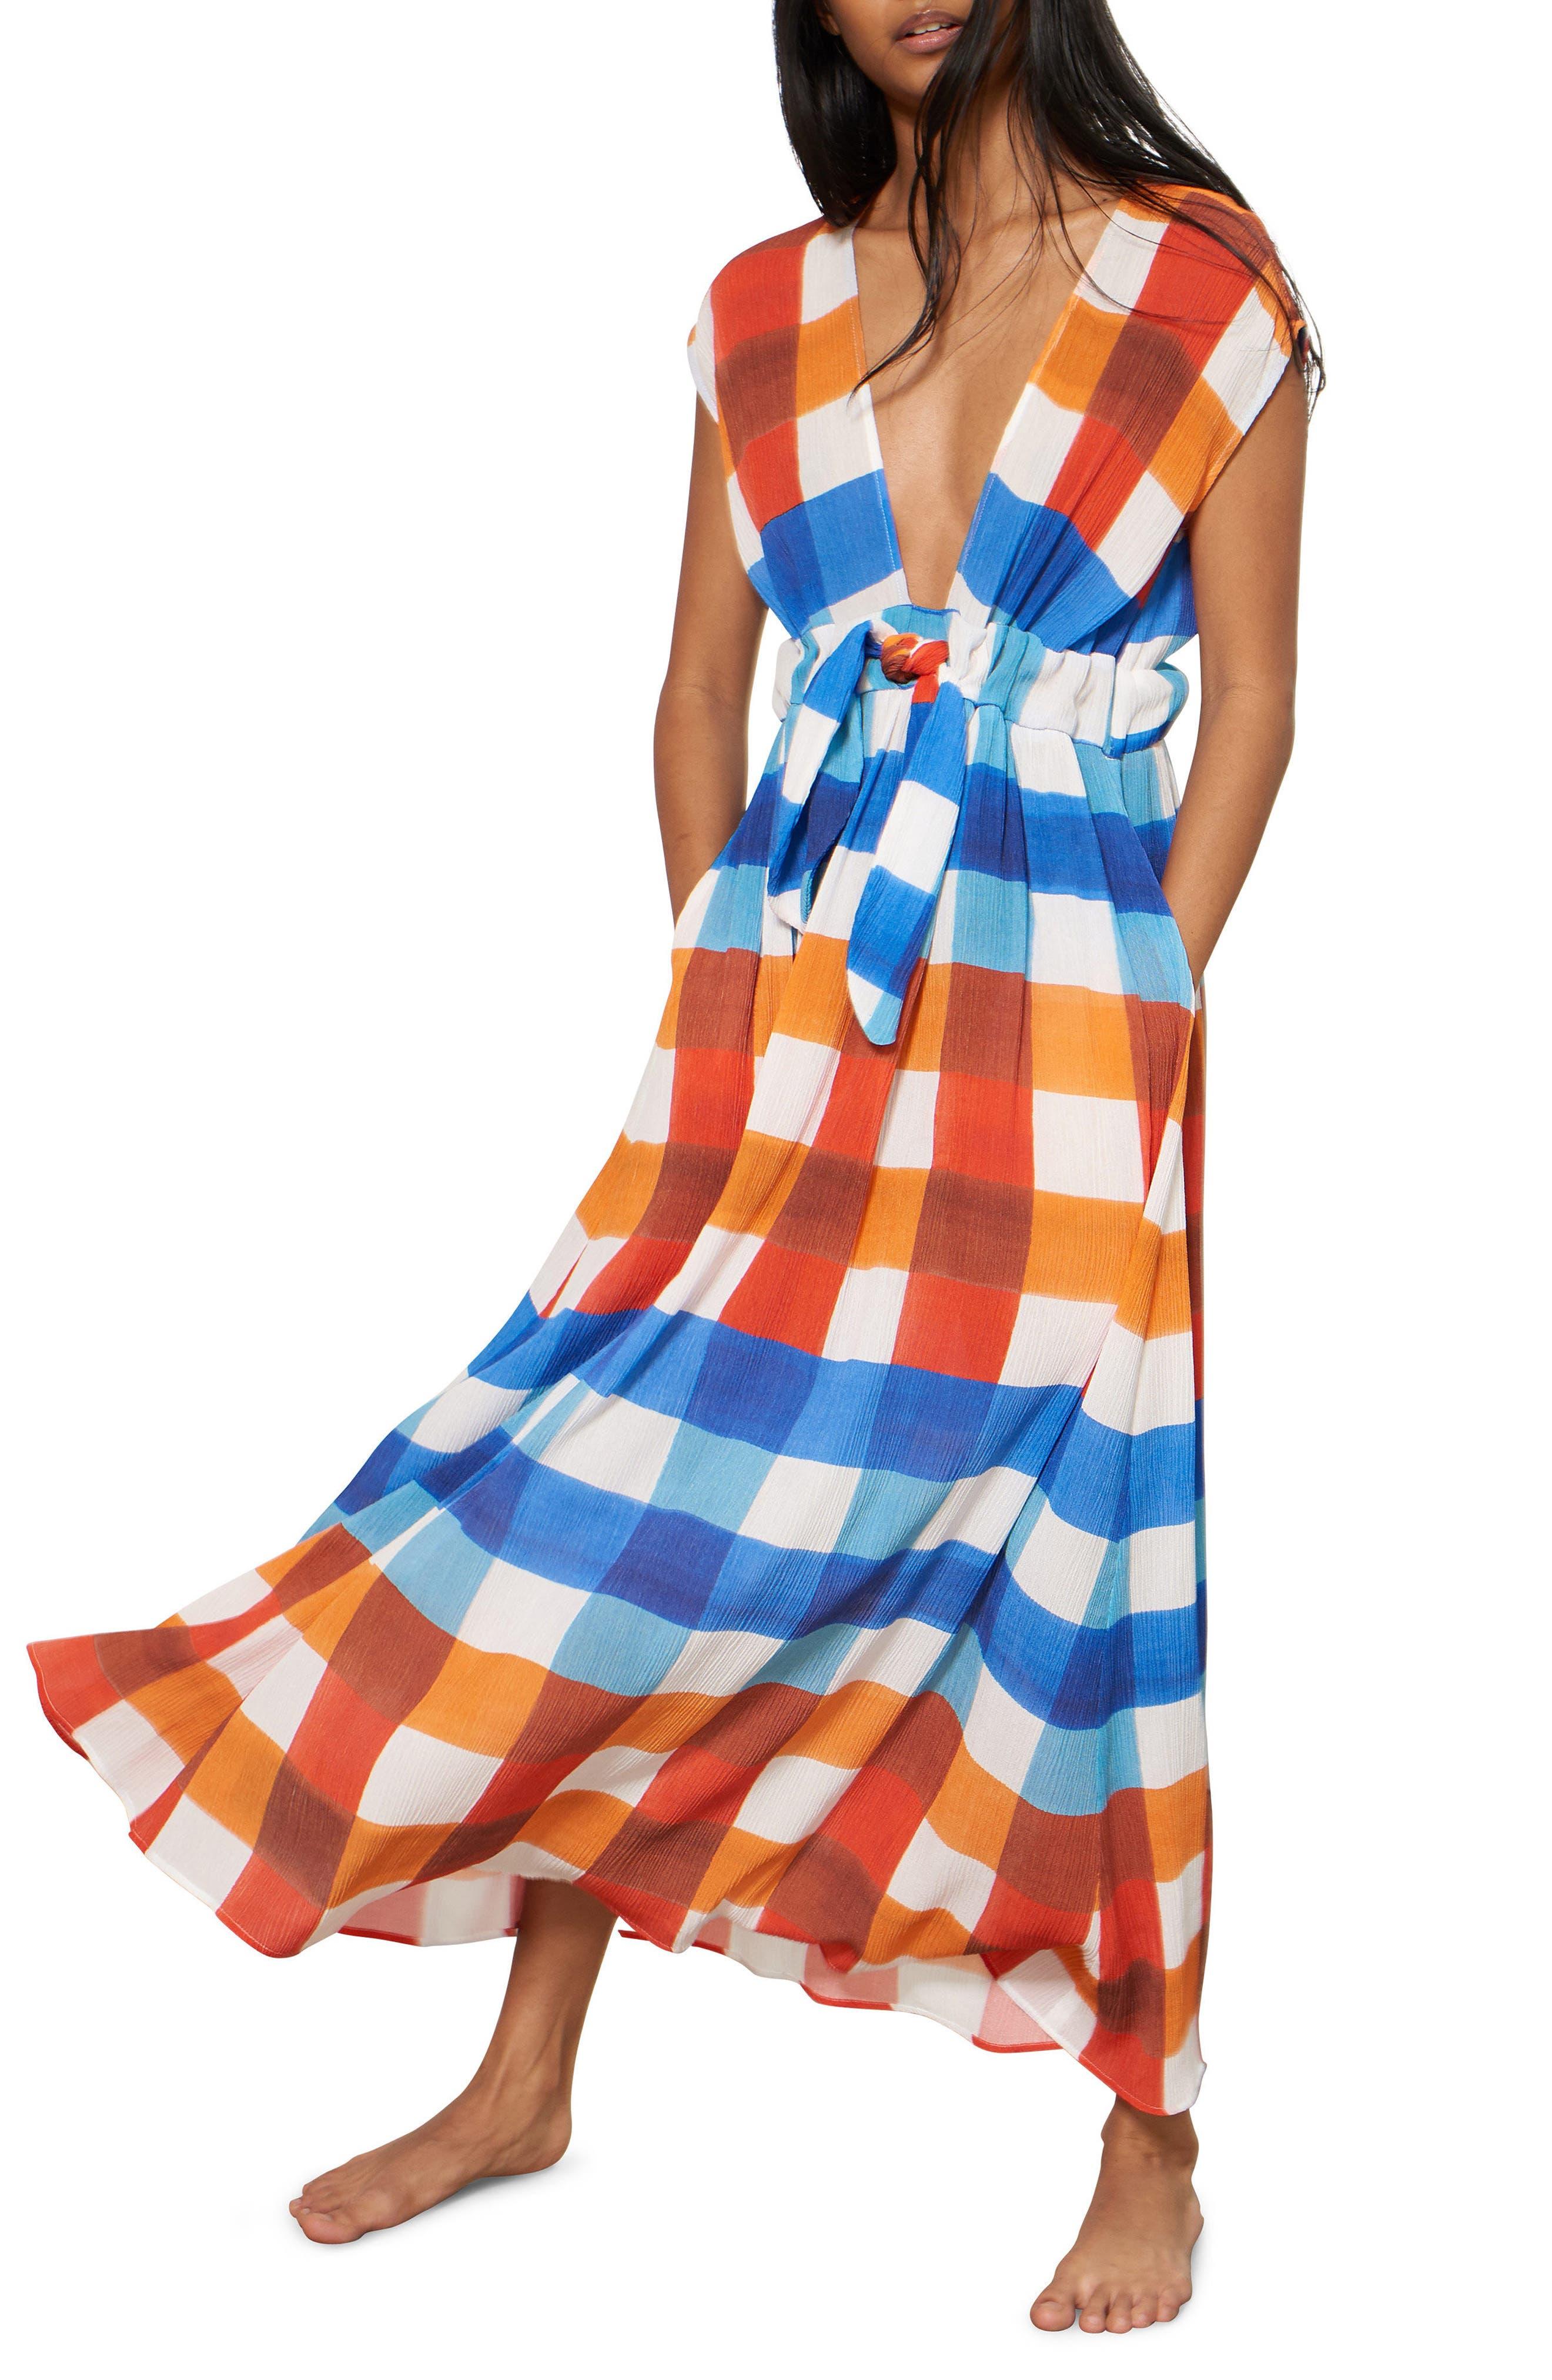 Katinka Check Cover-Up Maxi Dress,                             Main thumbnail 1, color,                             RED/ BLUE MULTI